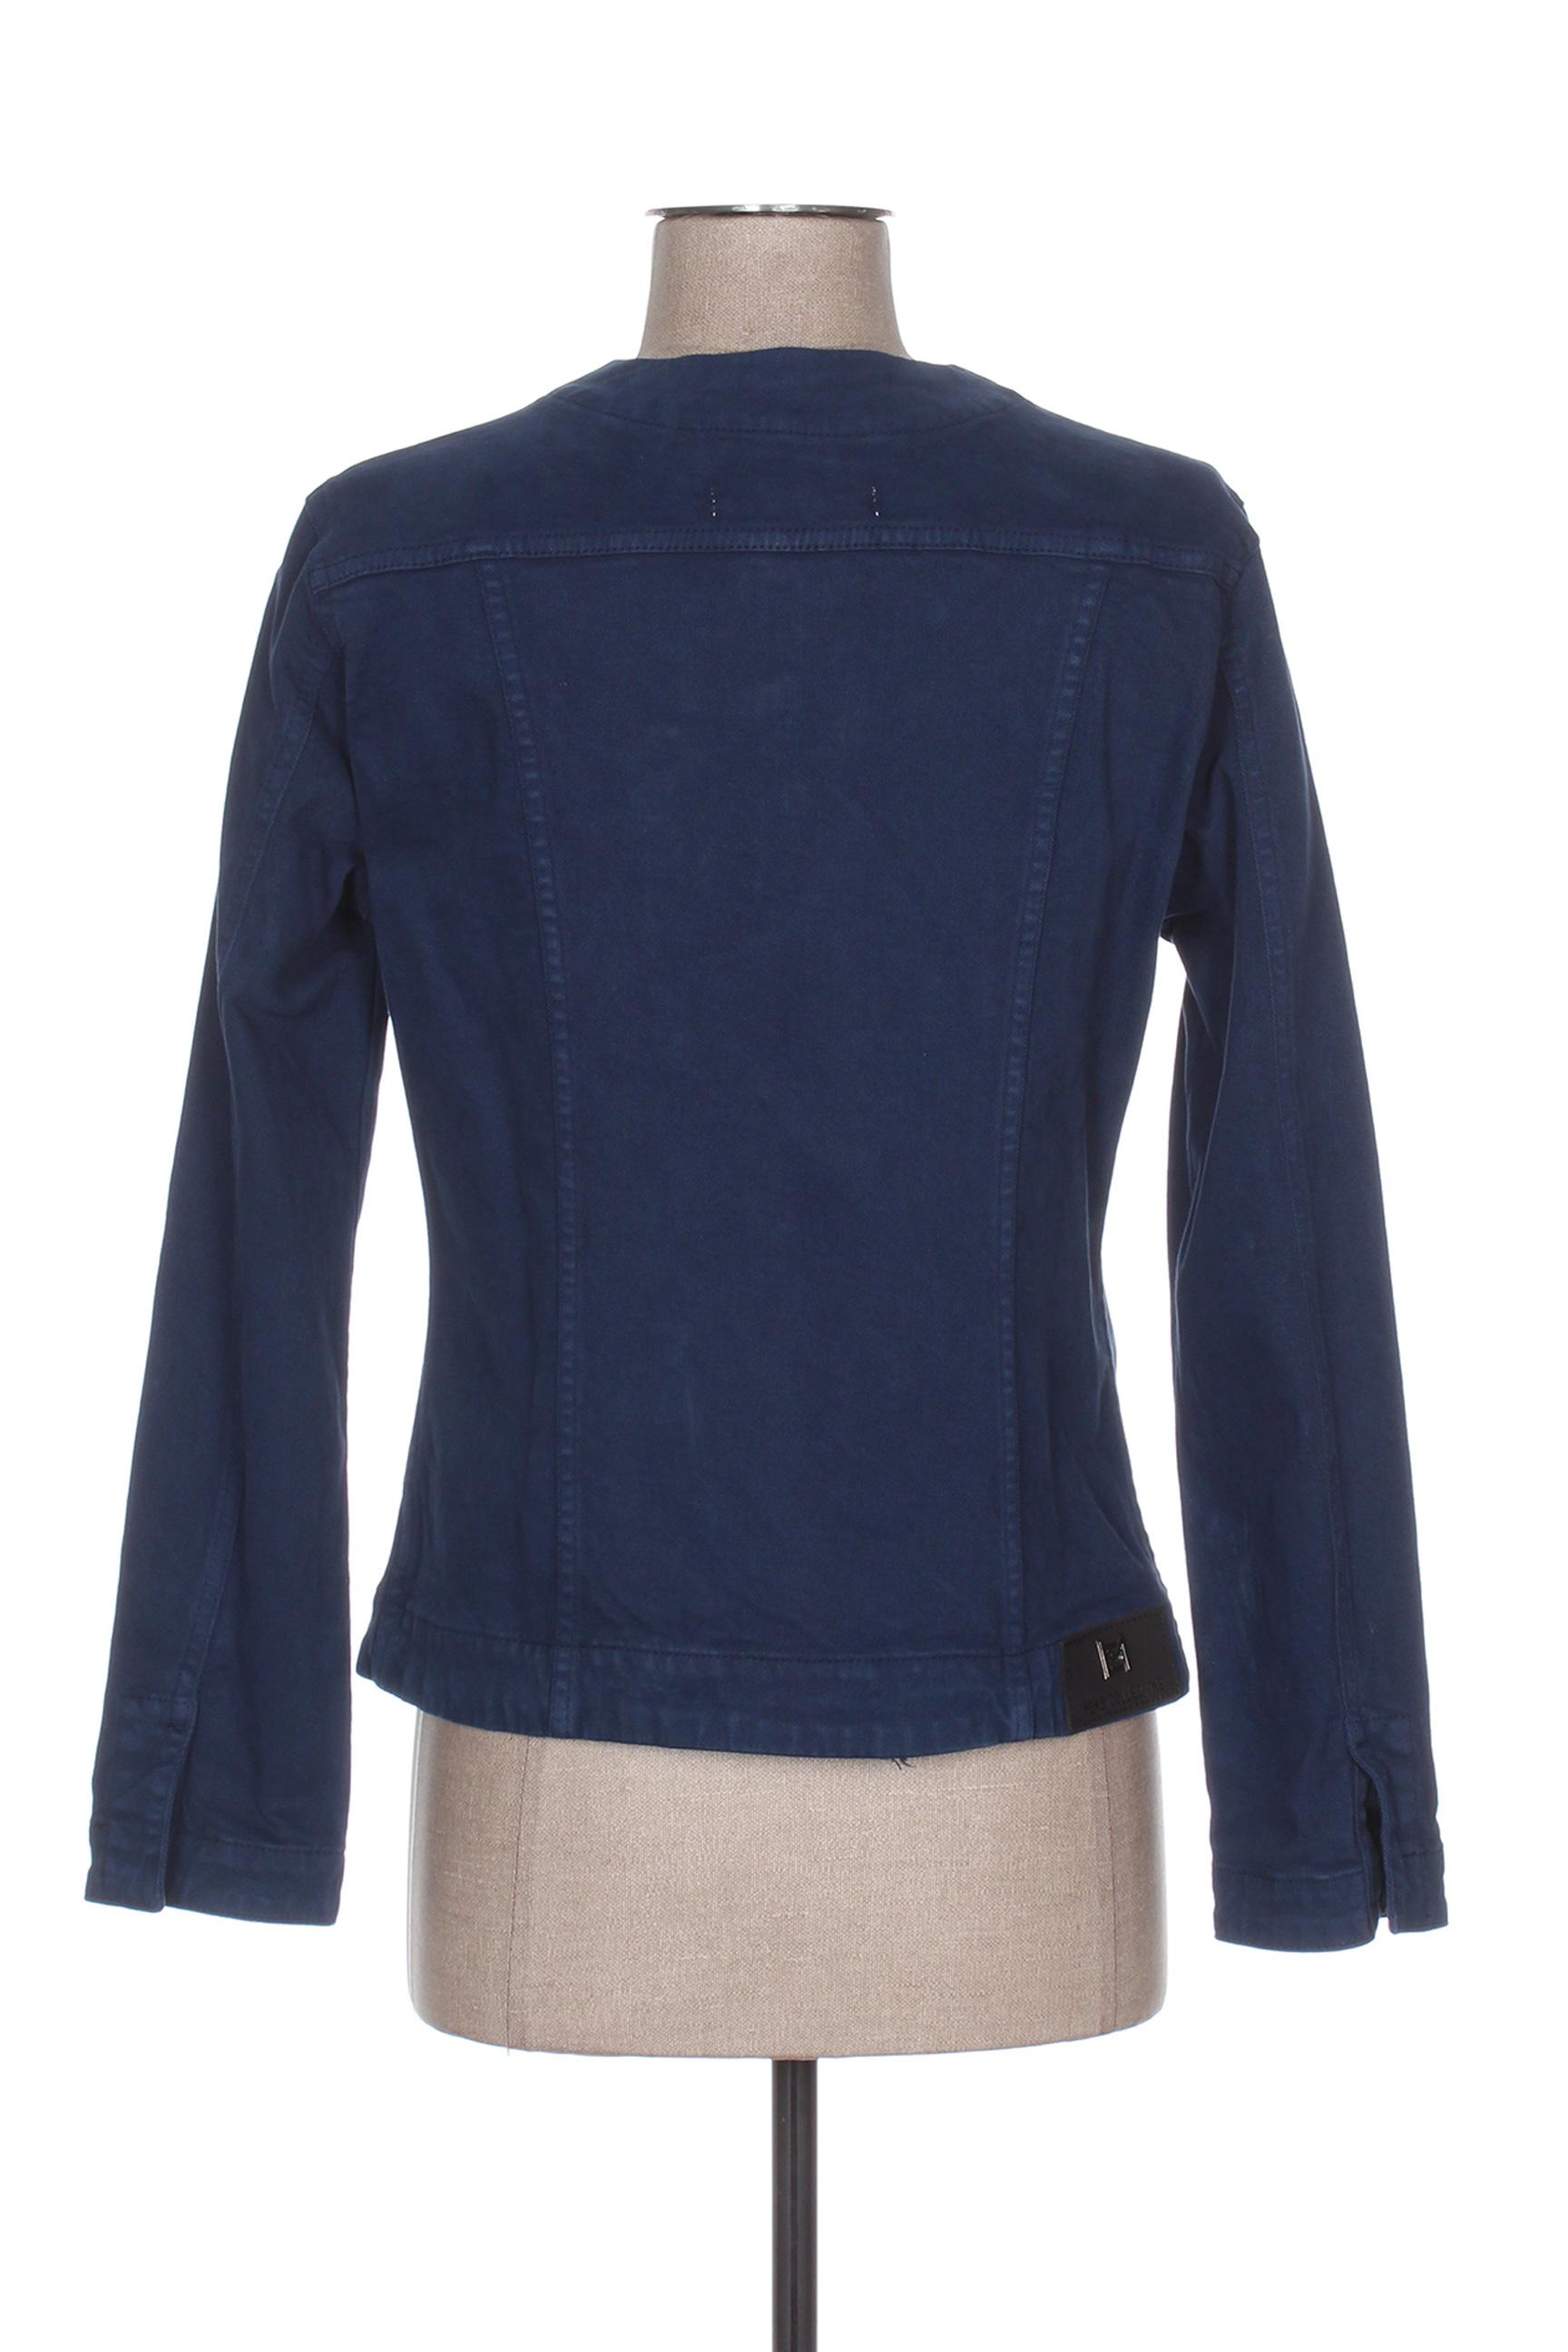 Mensi Collezione Vestesenjean Femme De Couleur Bleu En Soldes Pas Cher 1283688-bleu00